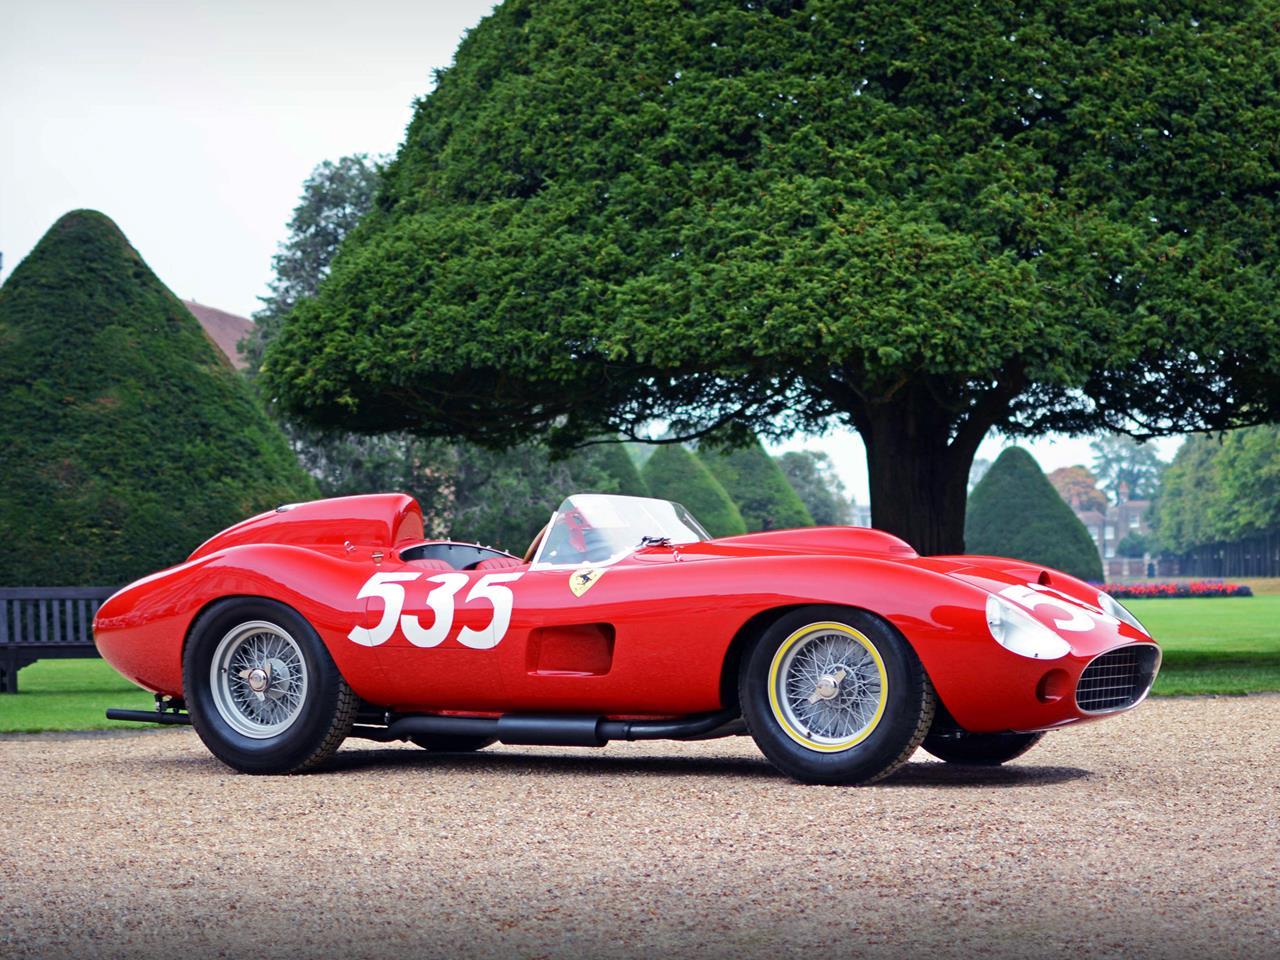 Ferrari_335_S_Spider Scaglietti_Classic_Car